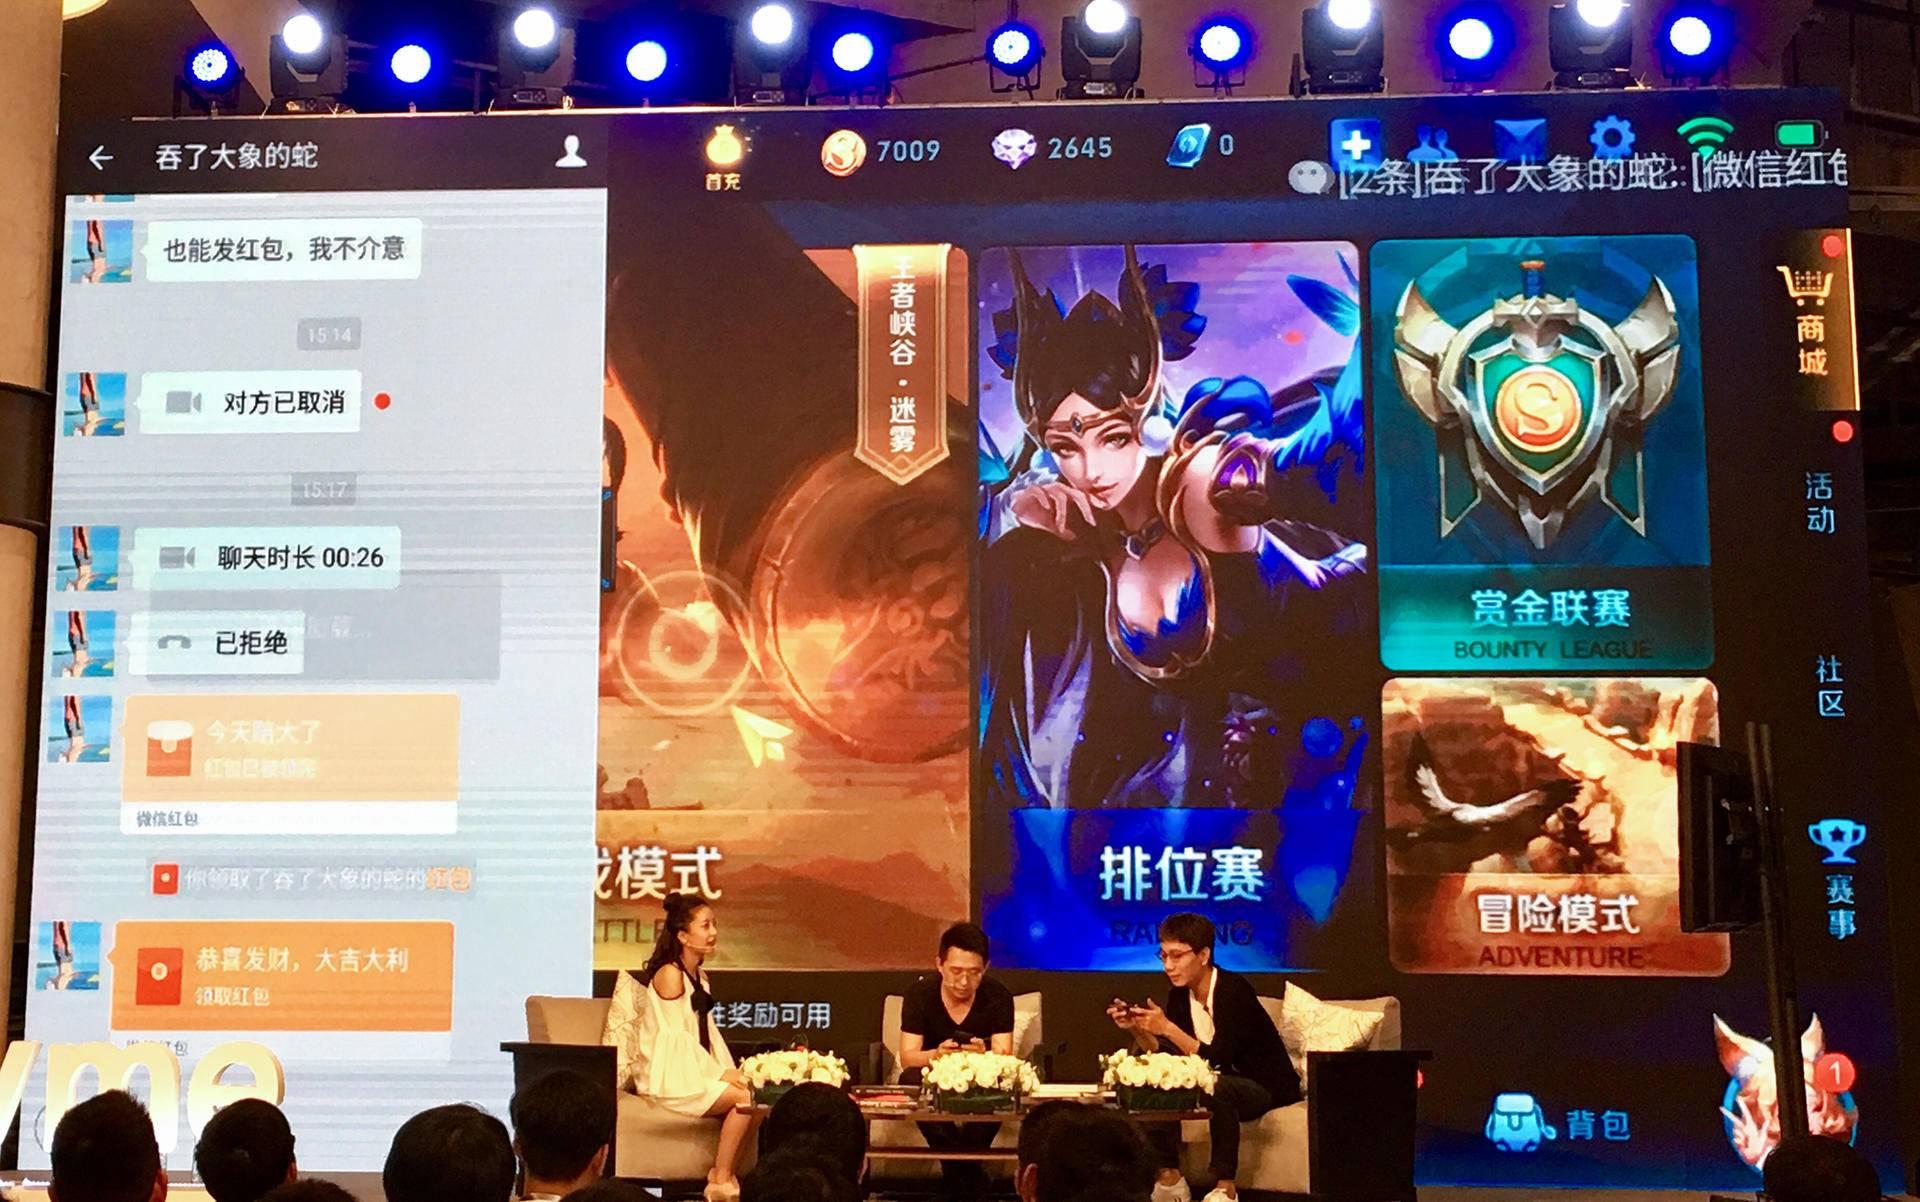 魅族Flyme6.2稳定版发布:游戏模式可微信消息弹幕显示